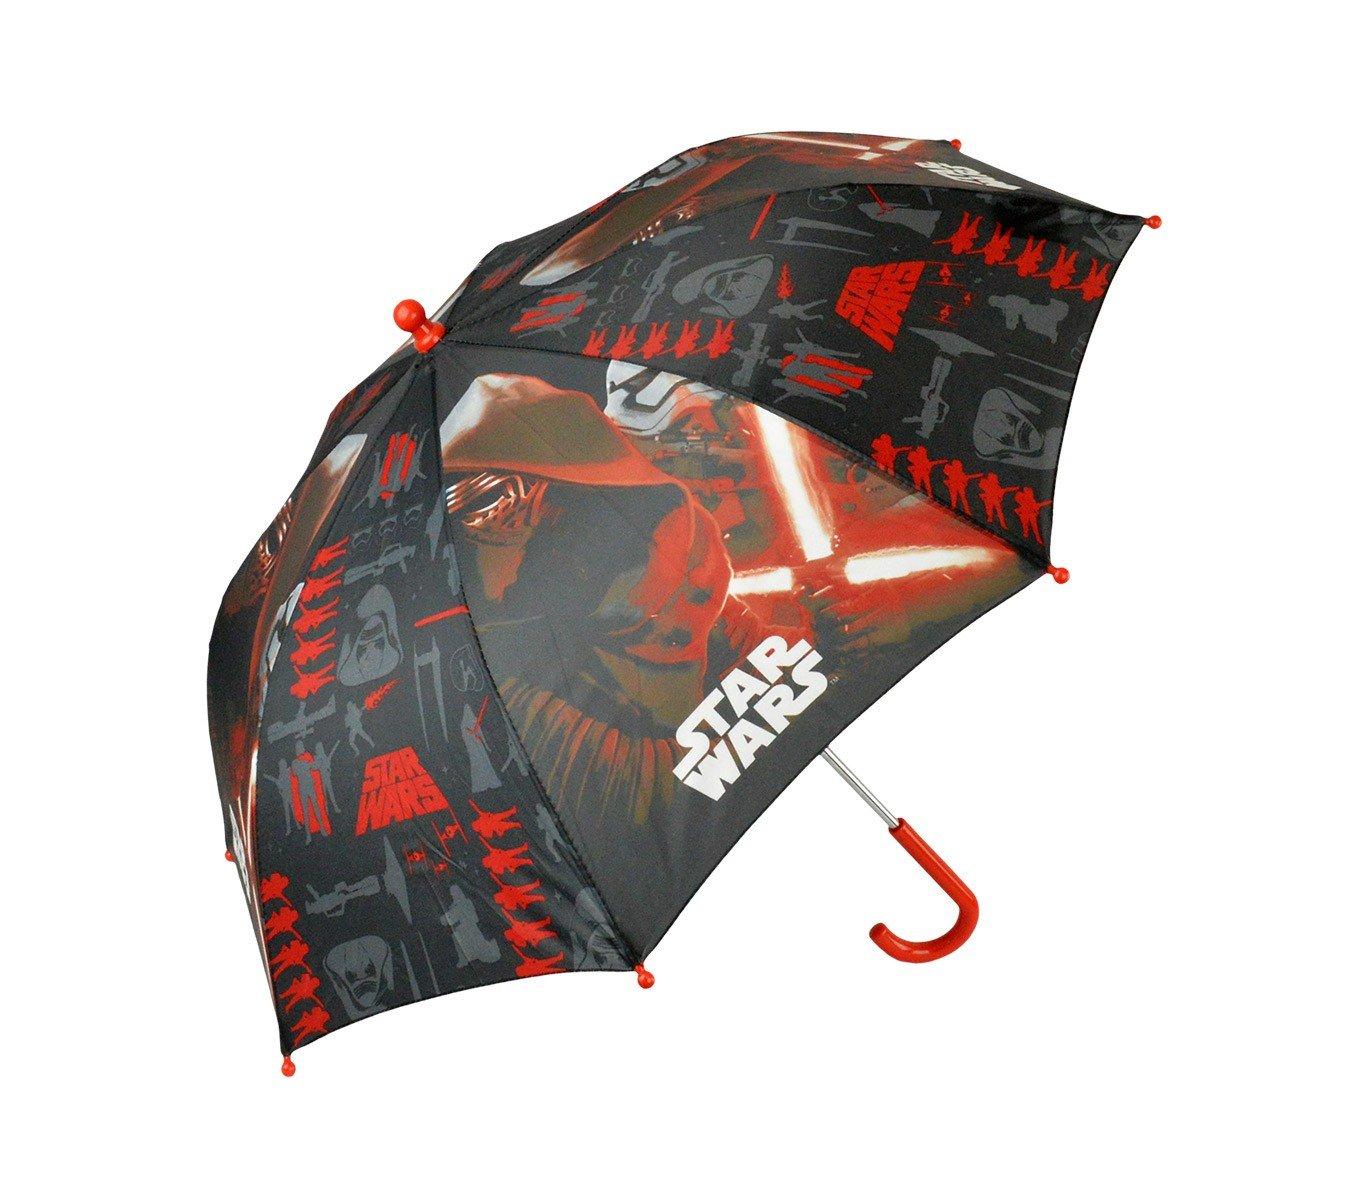 SWE7005 Ombrello da pioggia per bambino STAR WARS 57 cm rosso e nero. MEDIA WAVE store ®